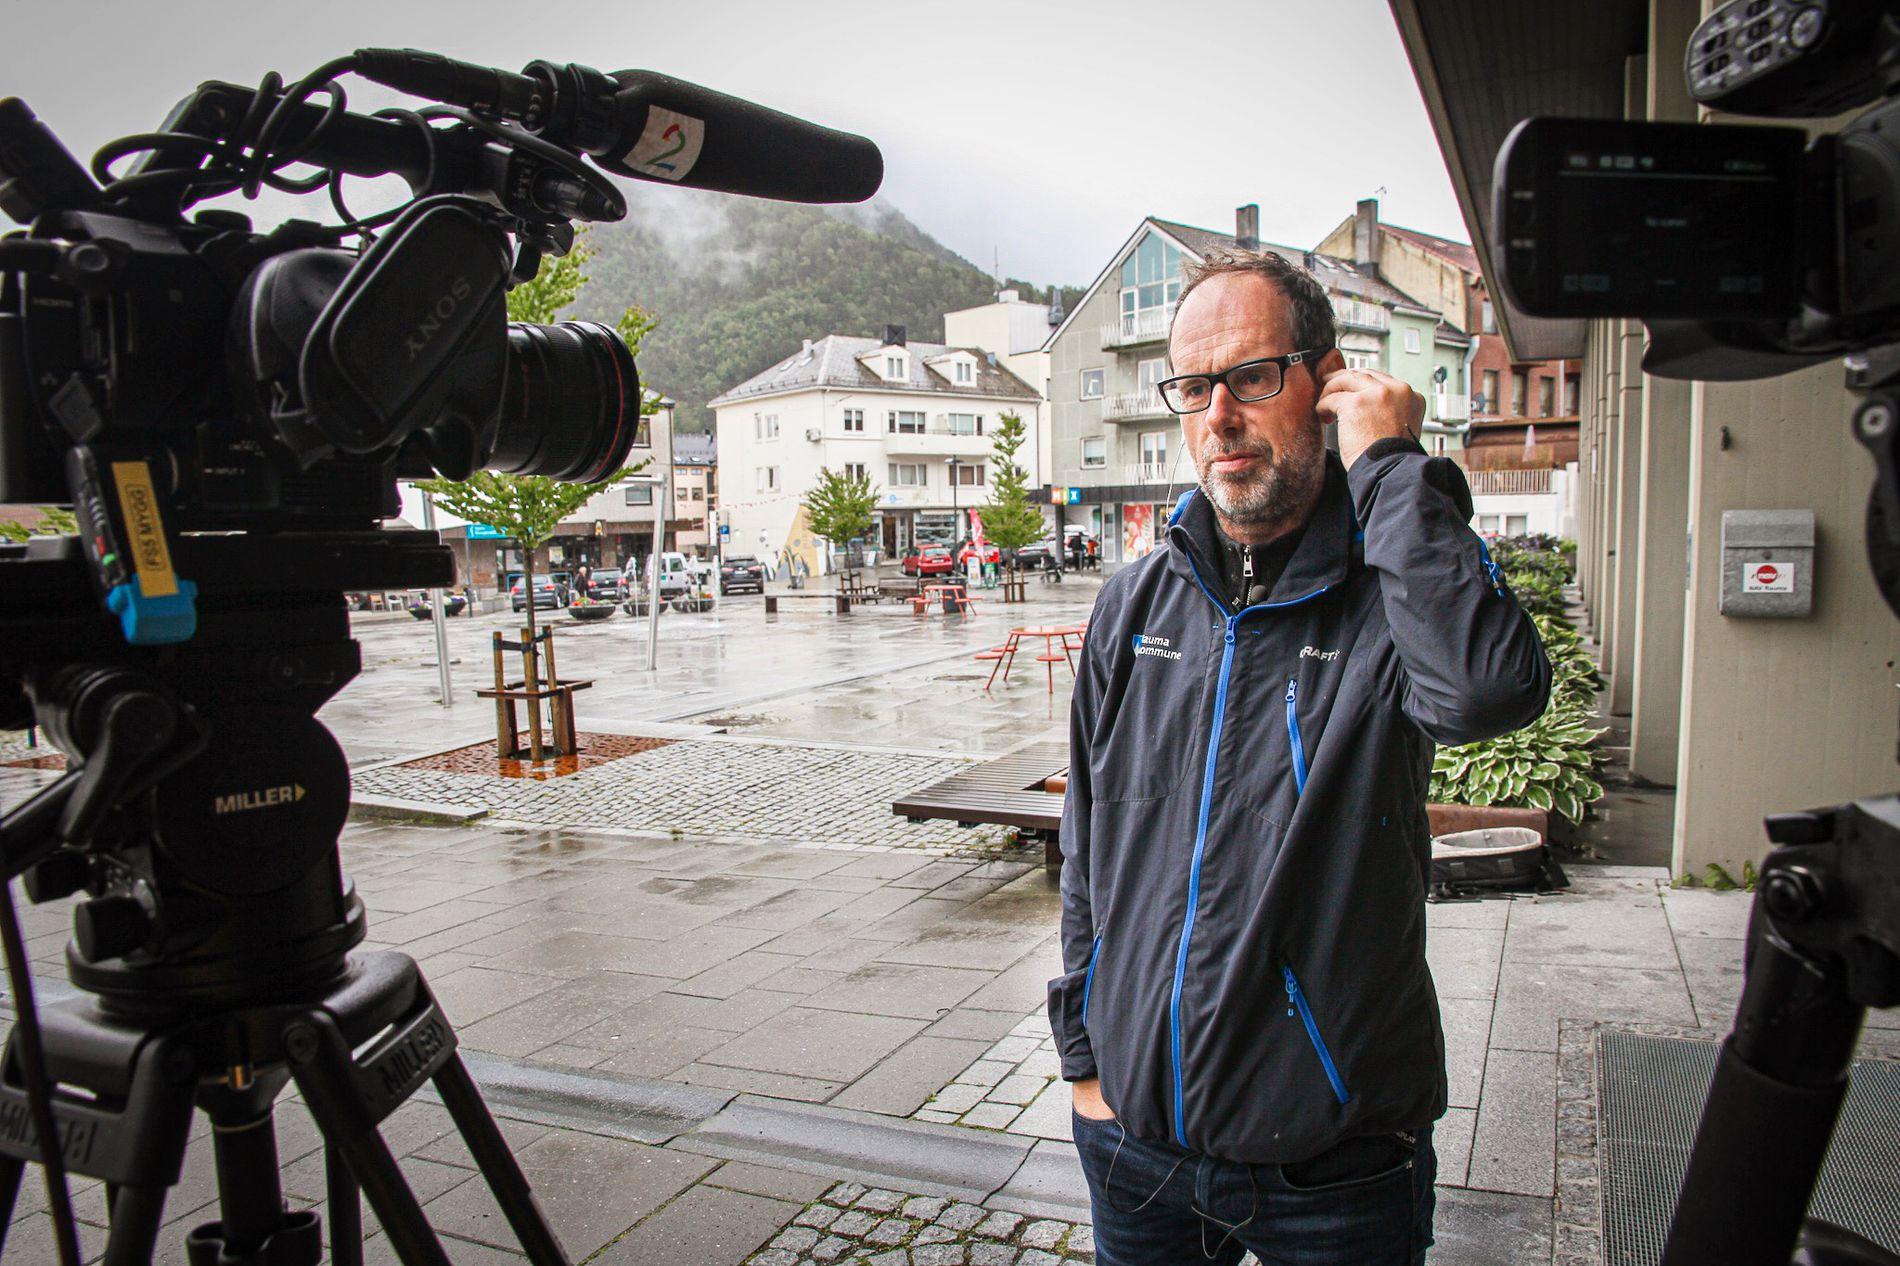 BEKYMRET: Ordfører Lars Olav Hustad i Rauma er redd det vil bli en sesong med flere runder med evakueringer for dem som bor i faresonen under Veslemannen.